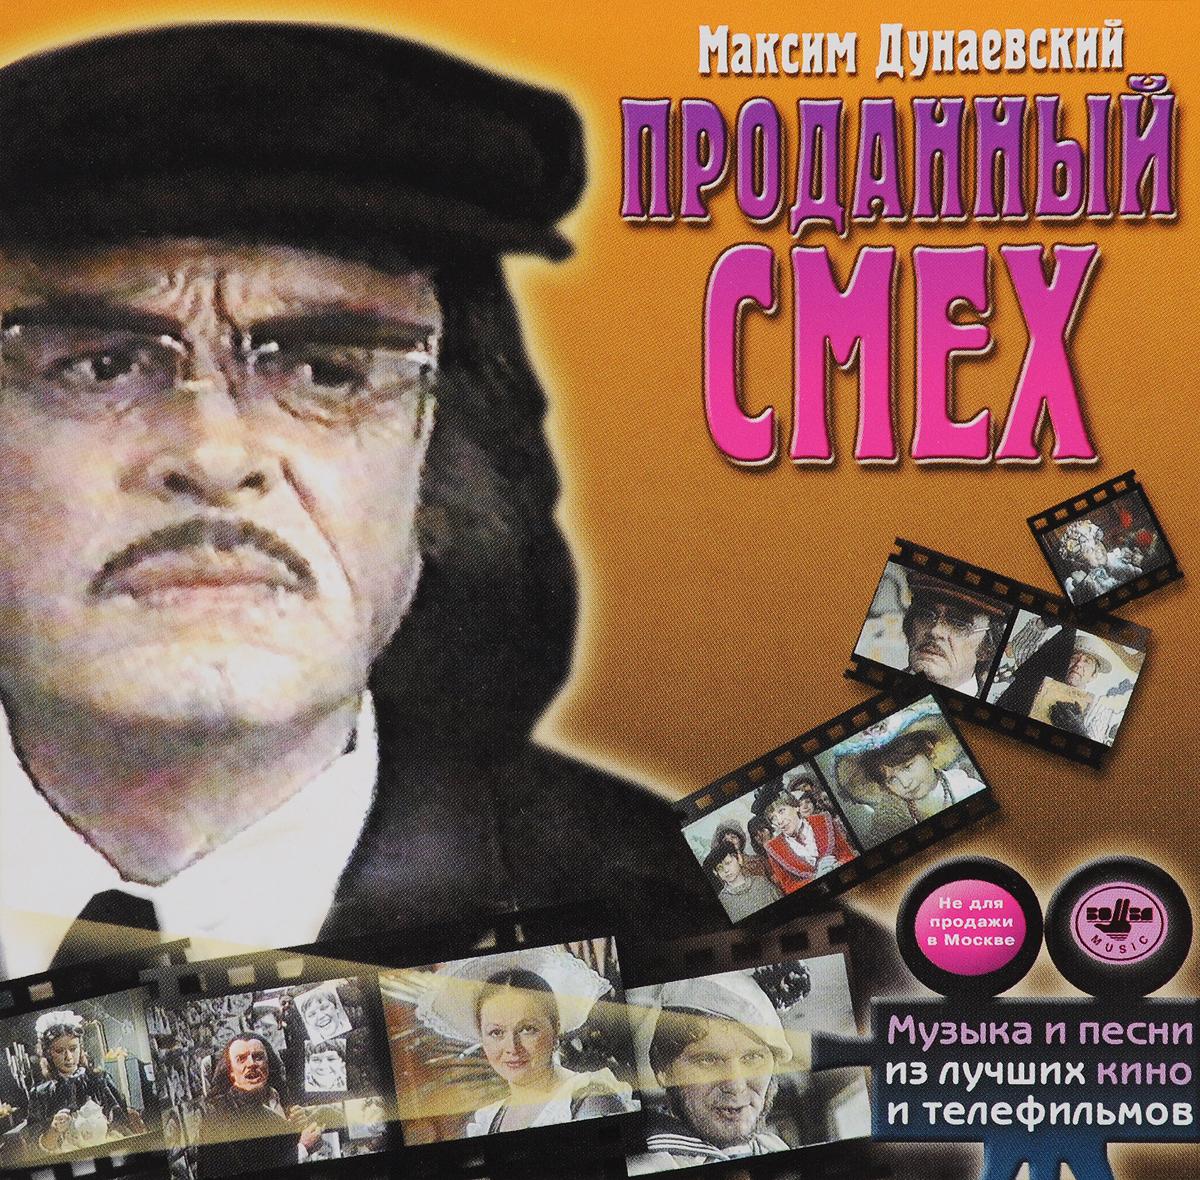 Максим Дунаевский. Проданный смех. Мушкетеры 20 лет спустя